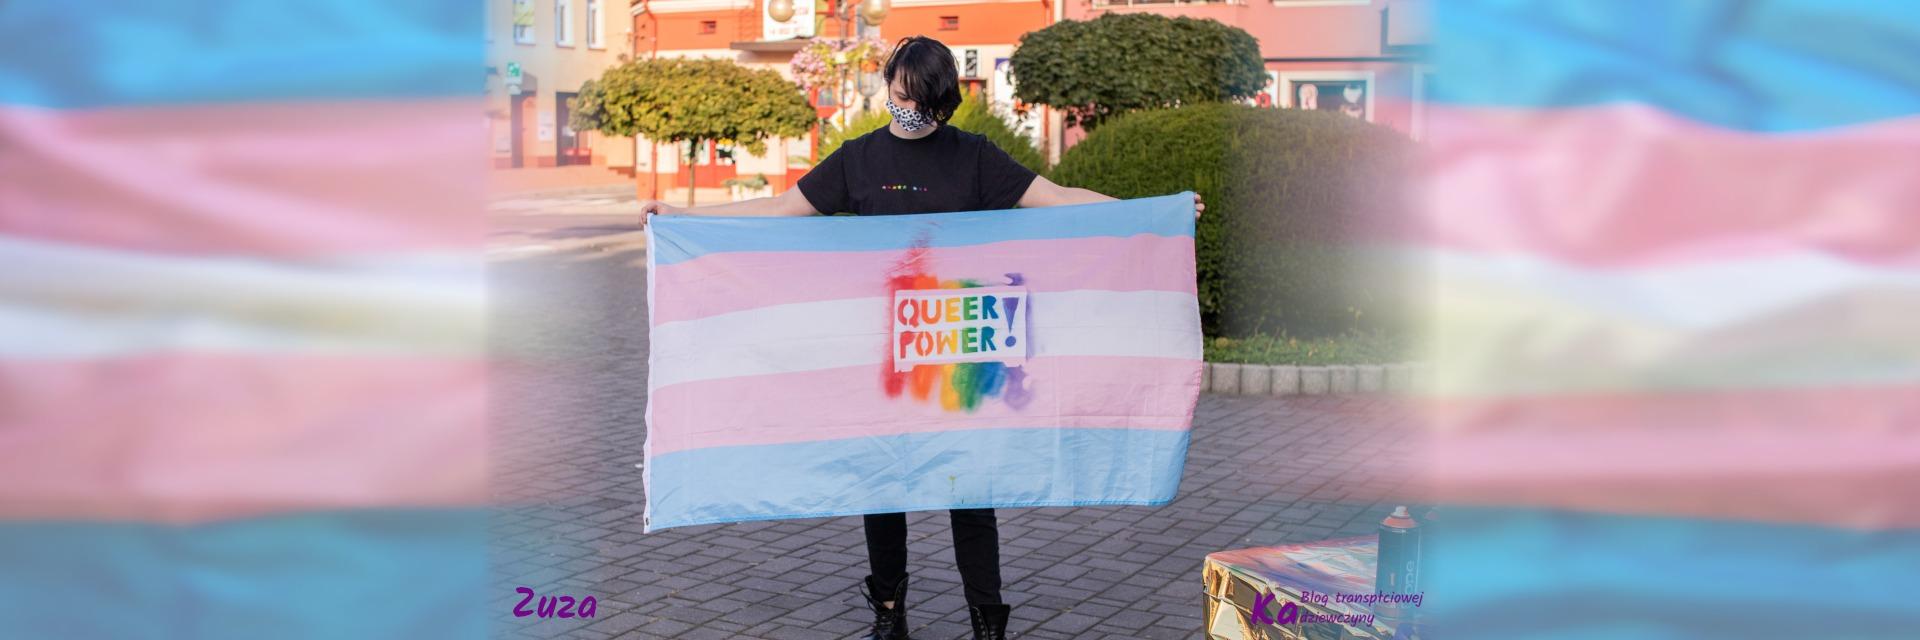 Zuza, ubrana na czarno, na koszulce kolorowe gwiazdki 5 i 3 szt., trzyma flagę trans z tęczowym napisem Queer Power!